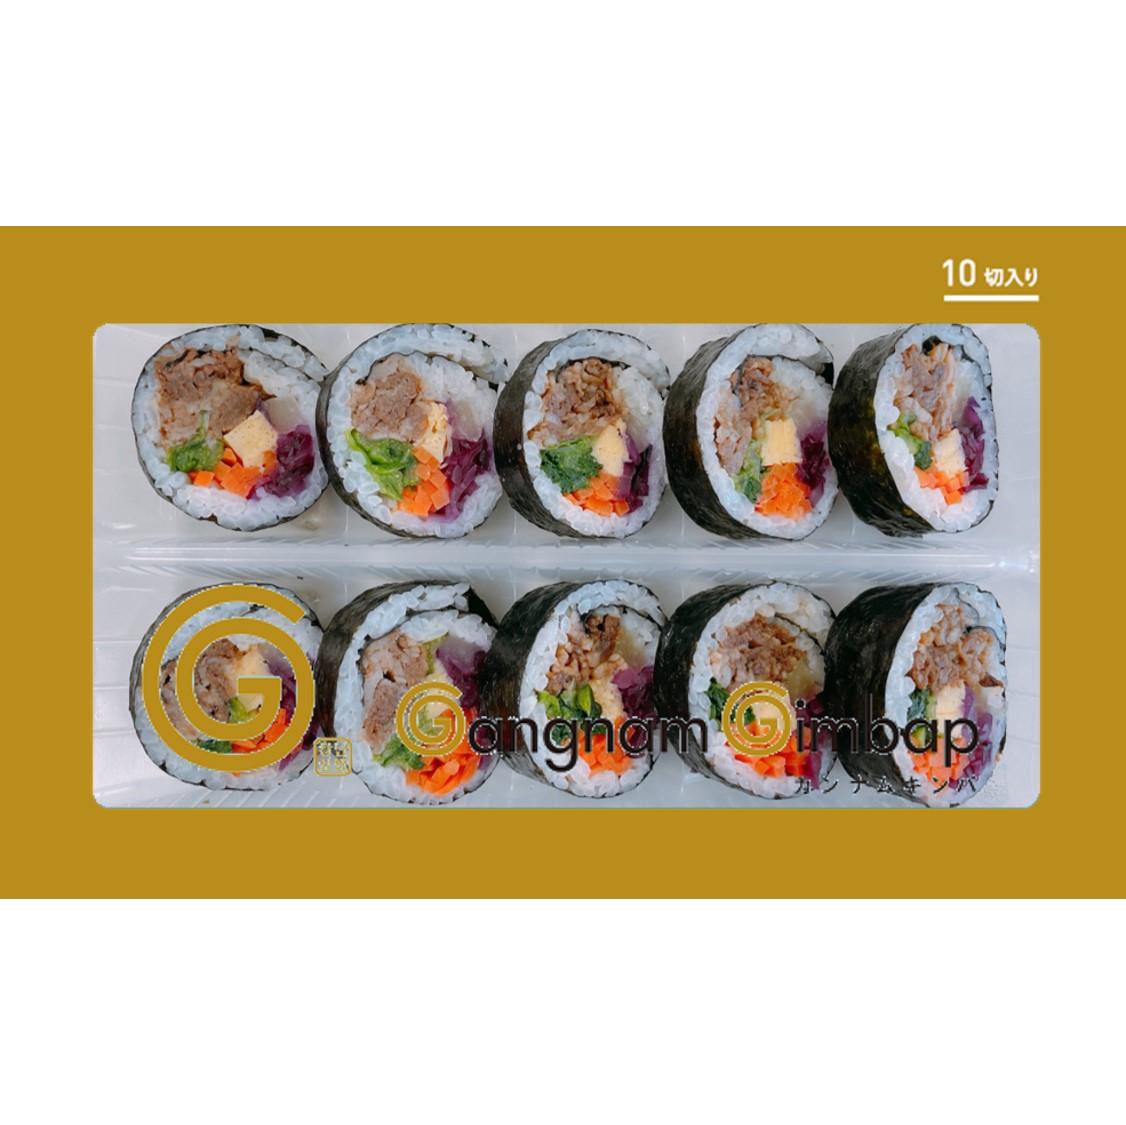 【予約冷凍】<カンナムキンパ>特製プルコギのキンパ(単品)